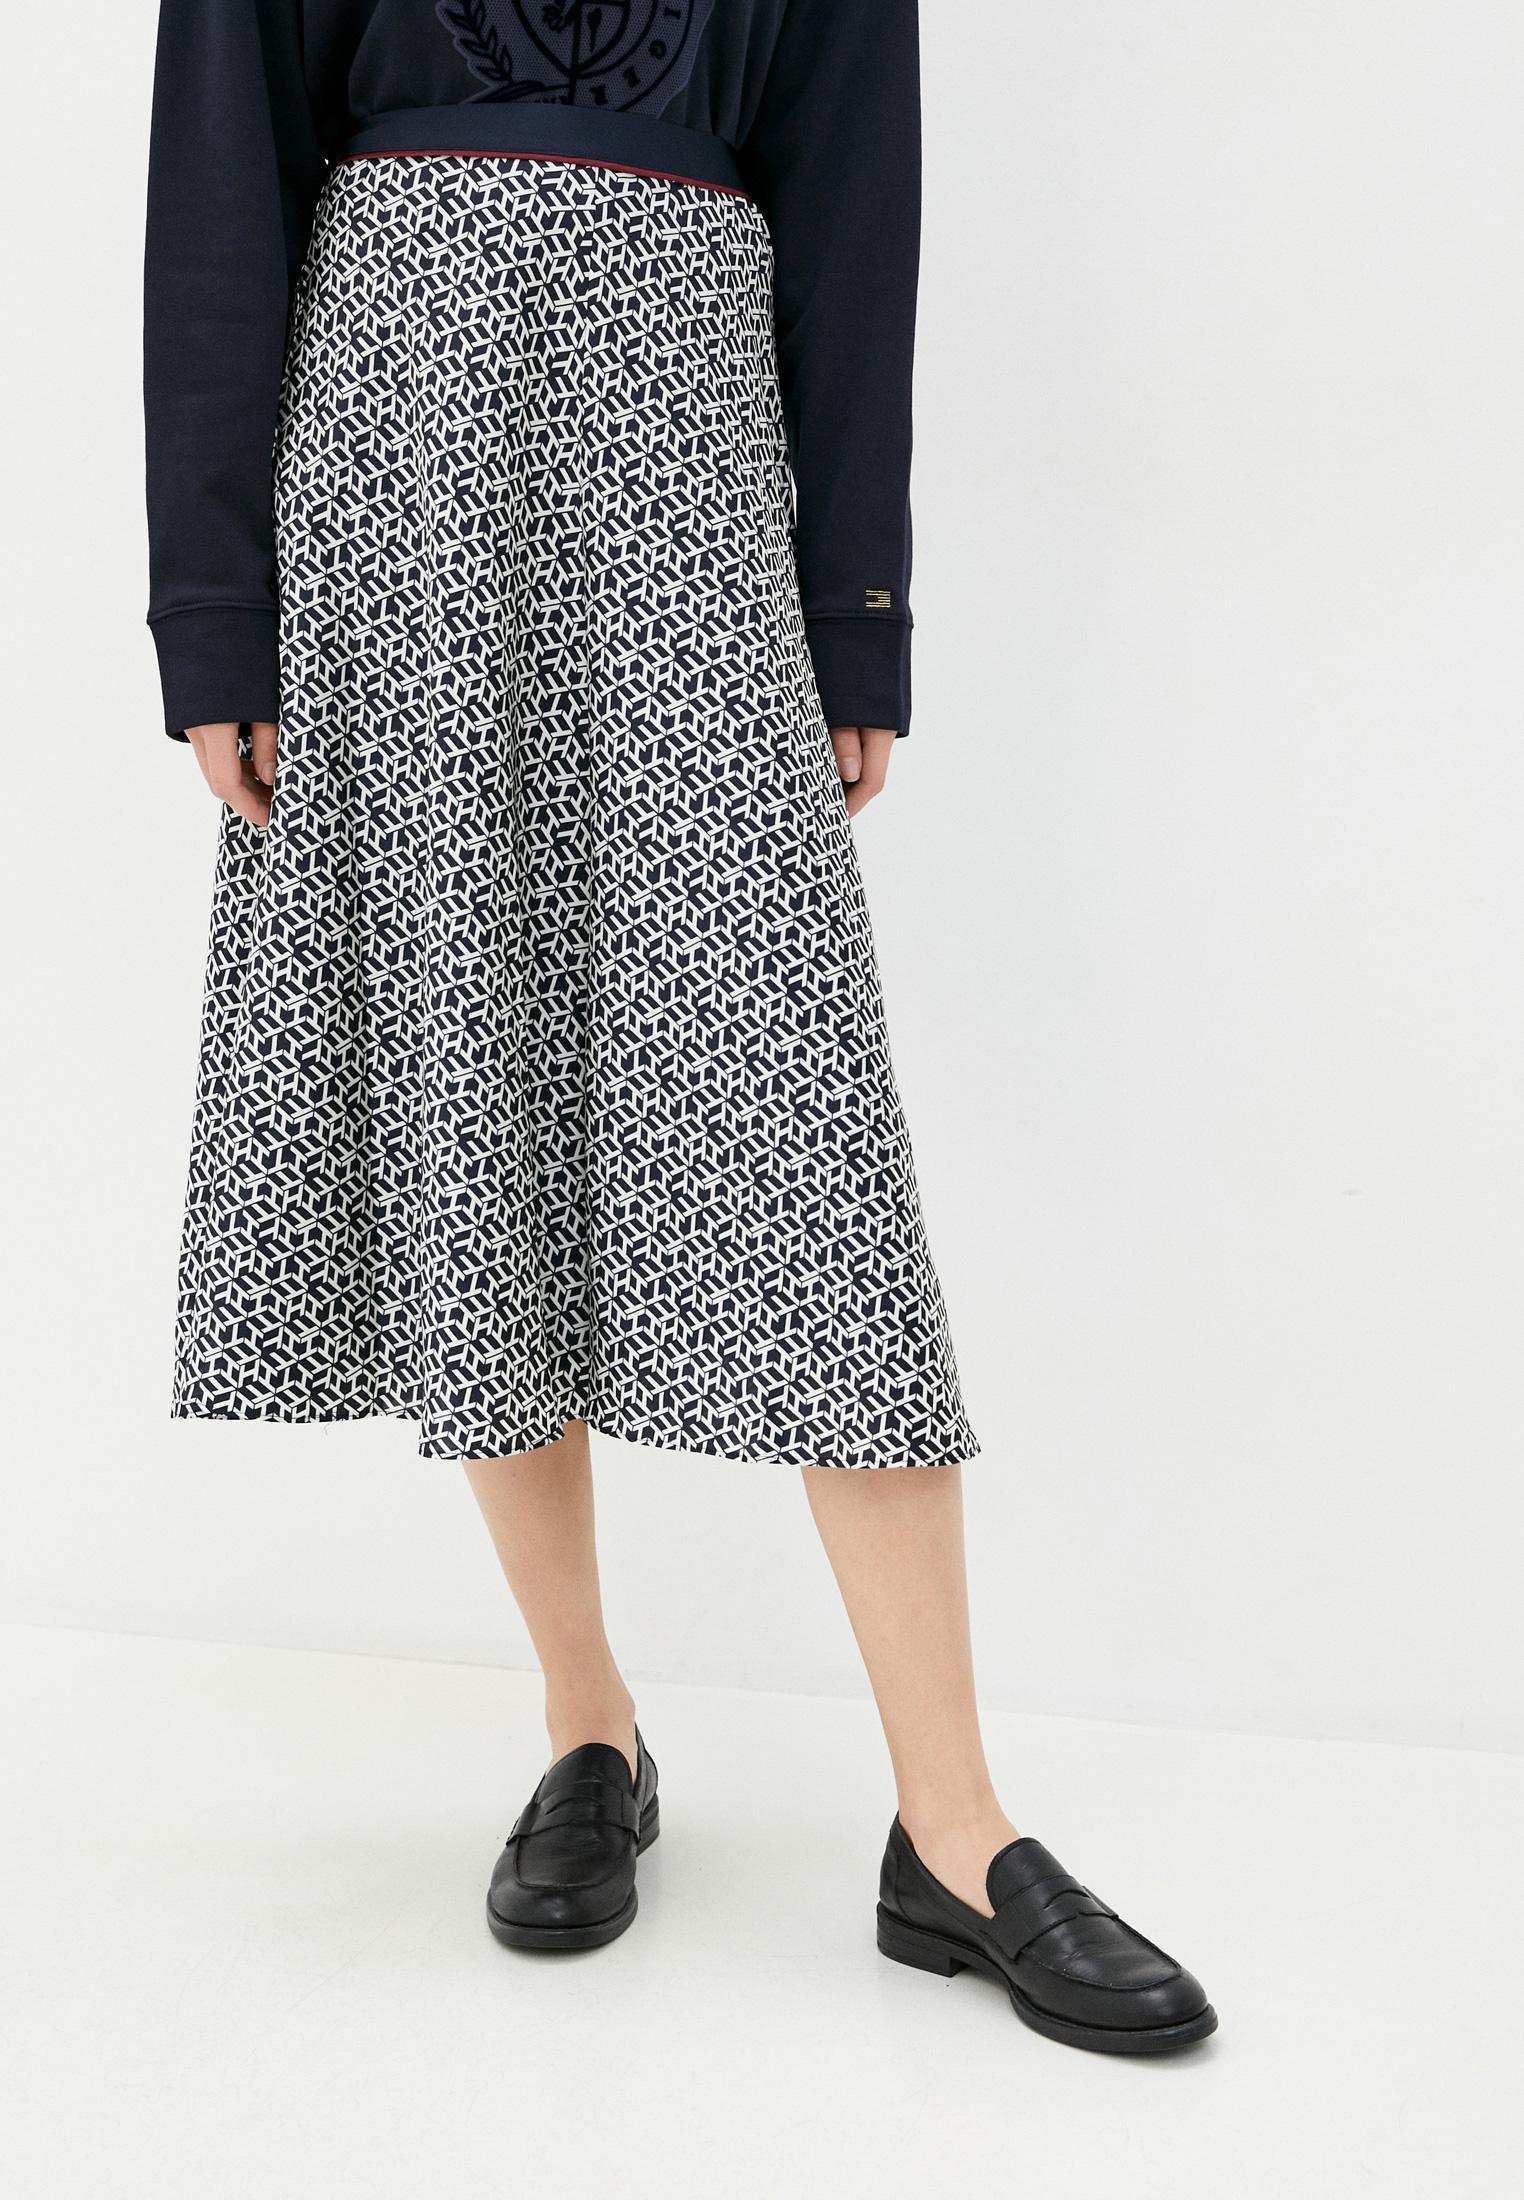 Широкая юбка Tommy Hilfiger (Томми Хилфигер) WW0WW28083: изображение 1